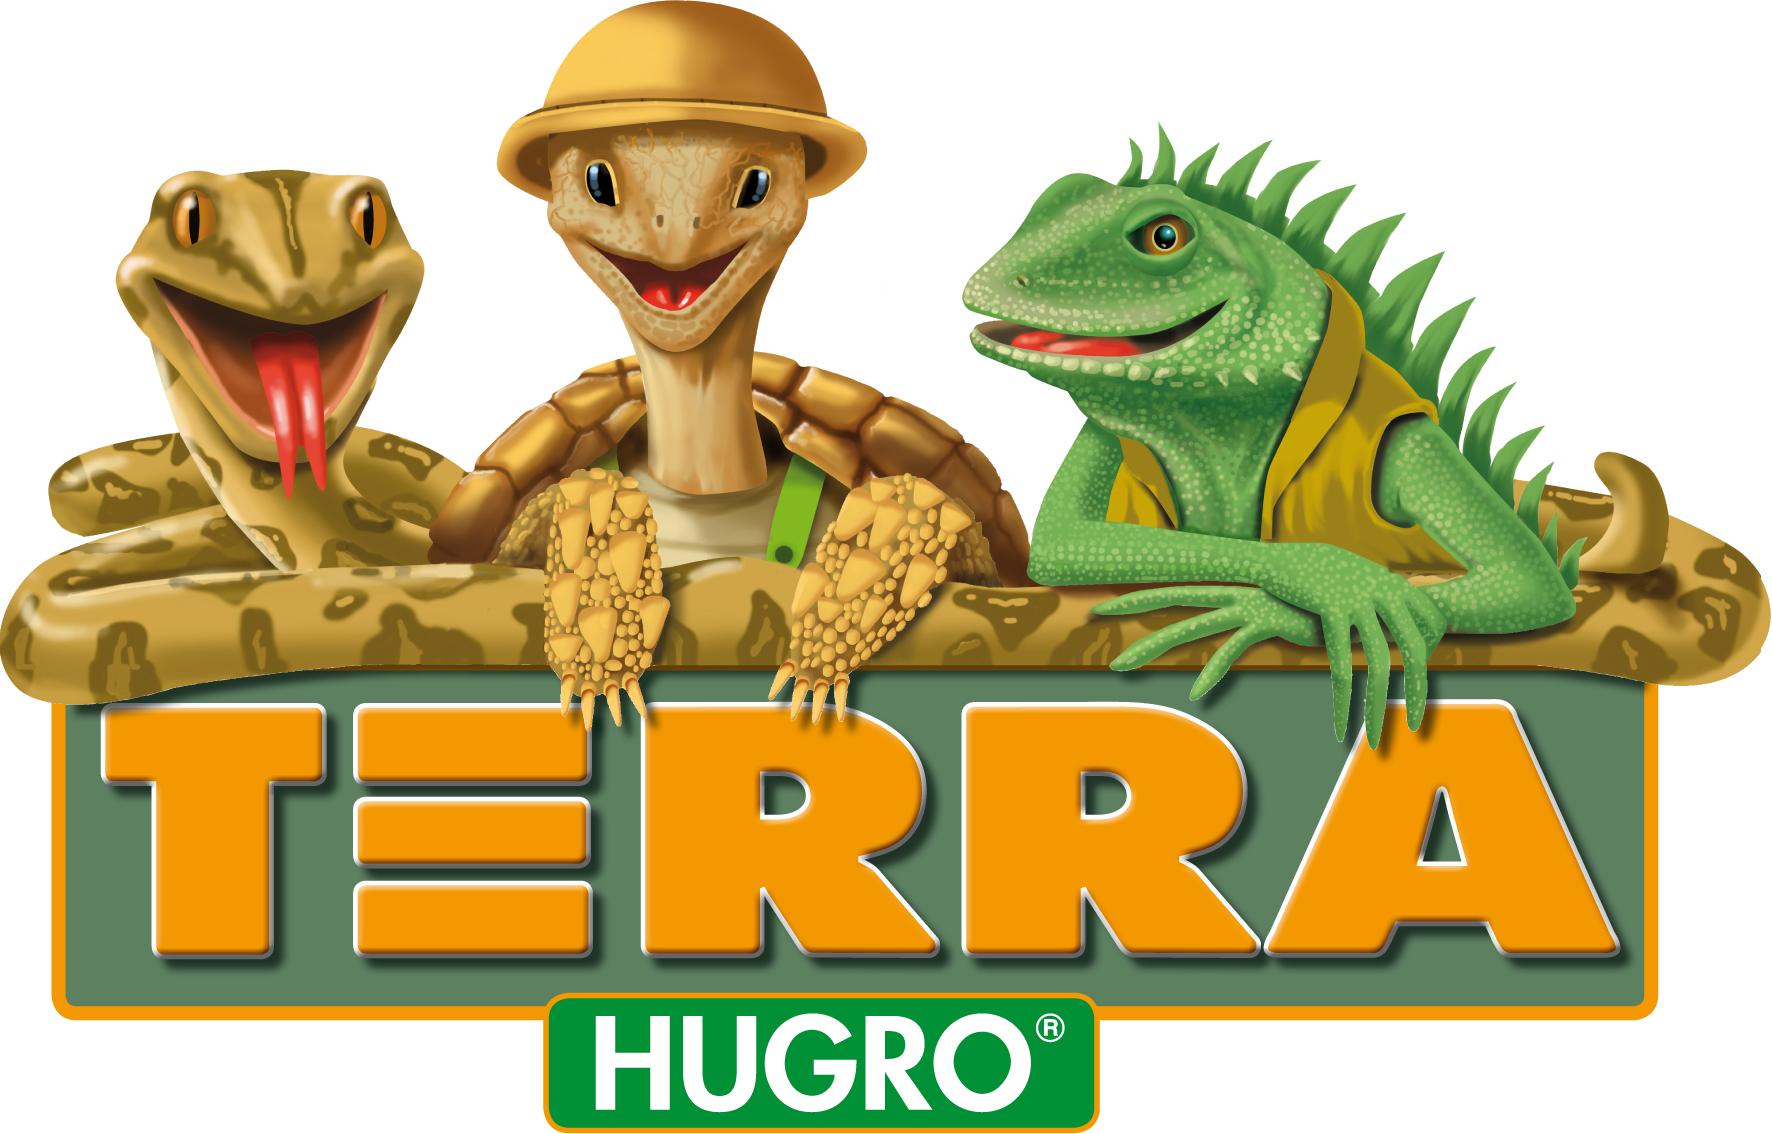 Hugro